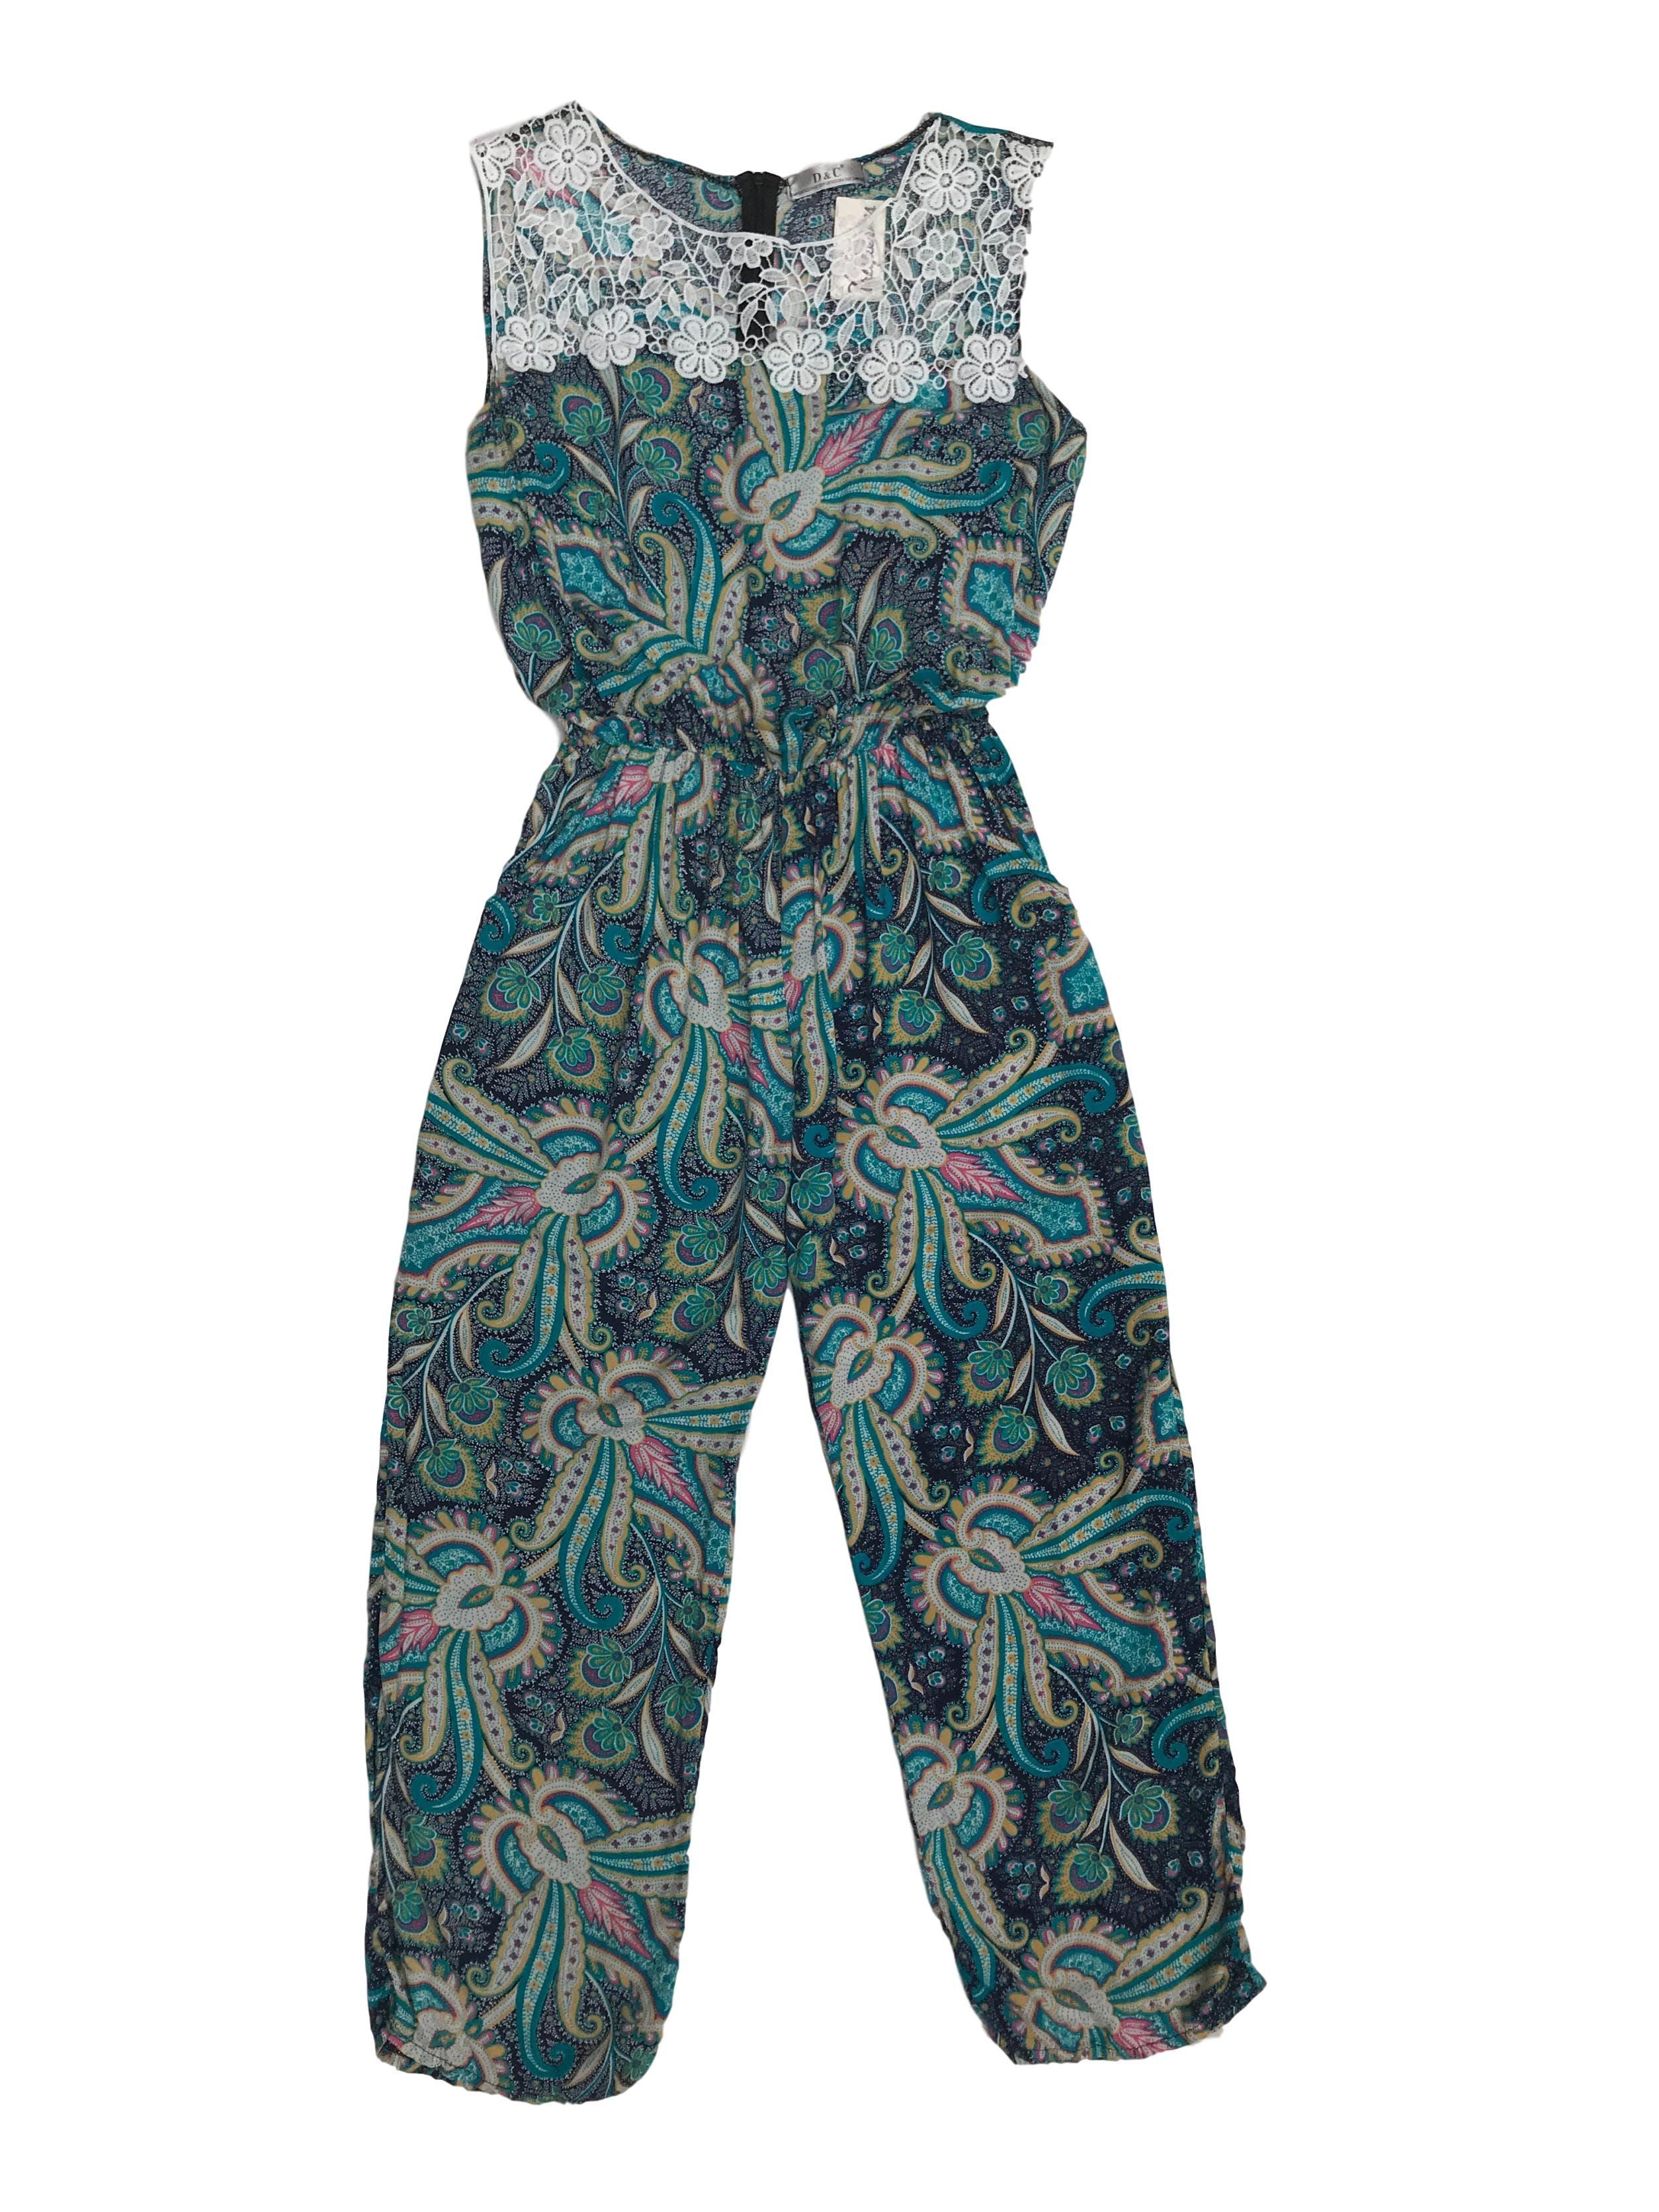 Enterizo pantalón turquesa con estampado paisley, tela tipo chalis, encaje en el pecho, cierre posterior, elástico con la cintura y bolsillos laterales